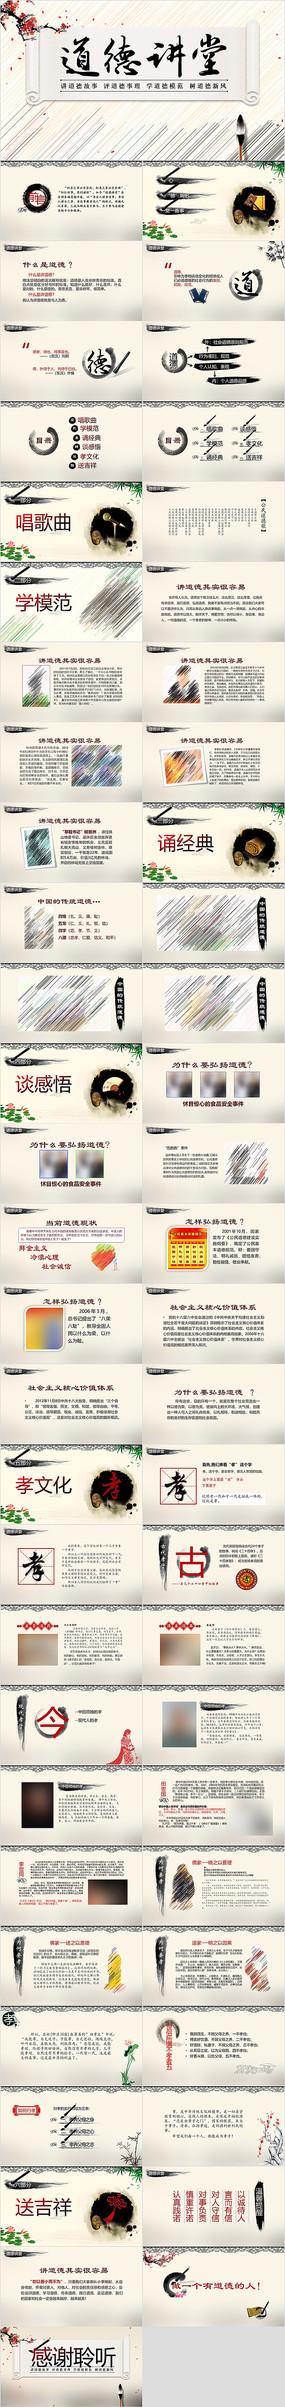 中国国学风道德讲堂PPT模板